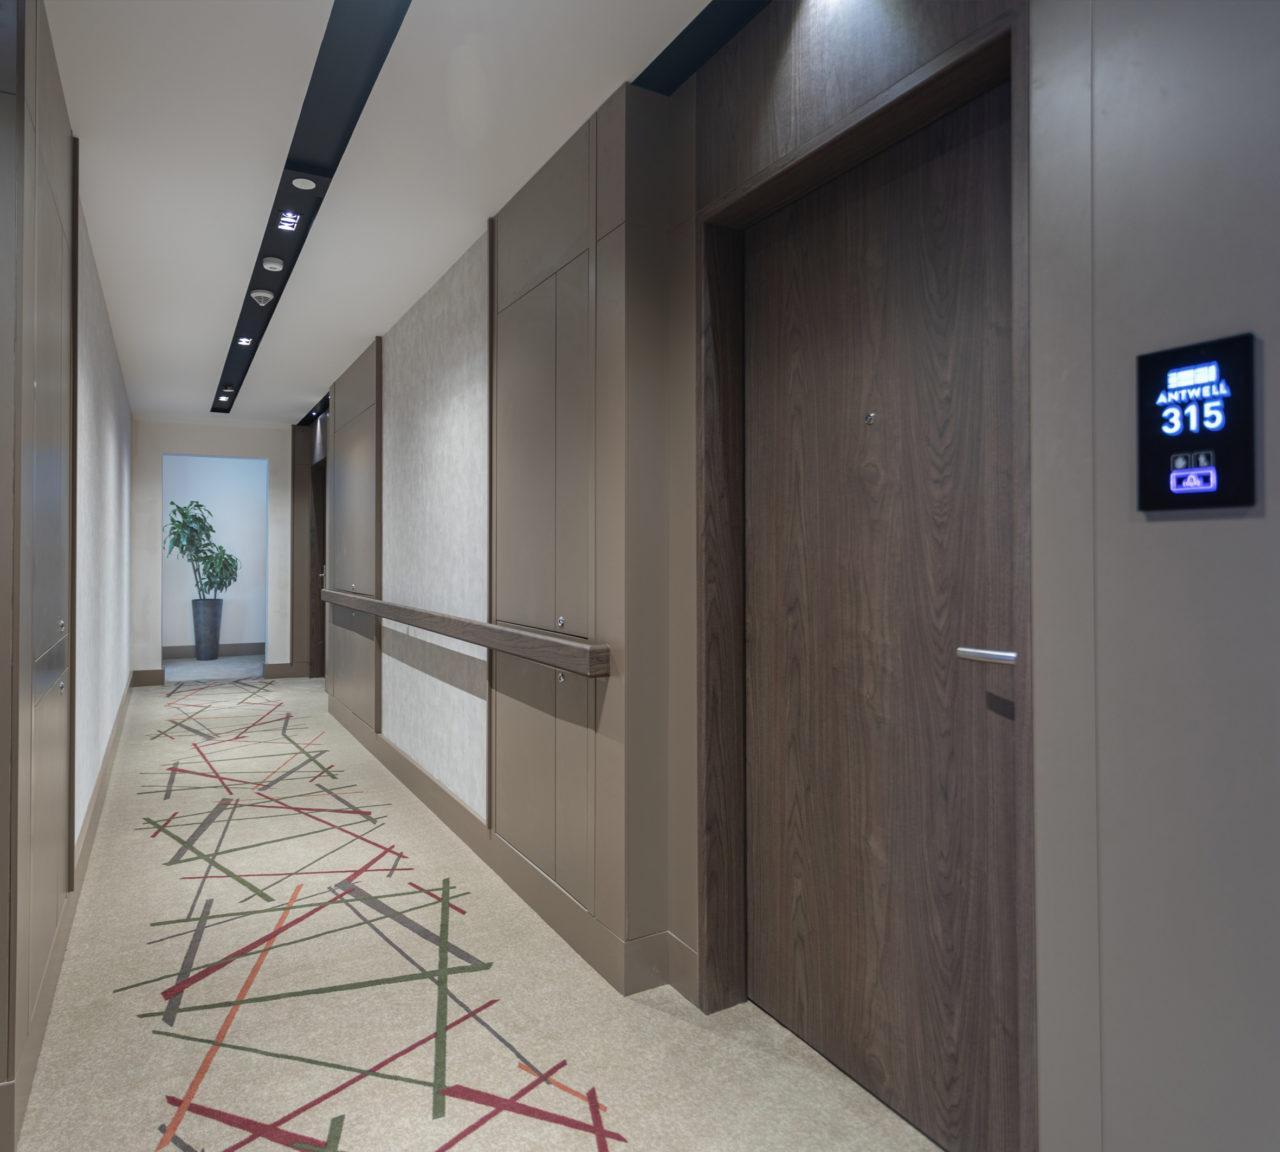 Koridorlar aydınlatma ve yürümeyi kolaylaştırıcı tırabzanların yanı sıra tekerlekli iskemleye manevra alanı sağlıyor.